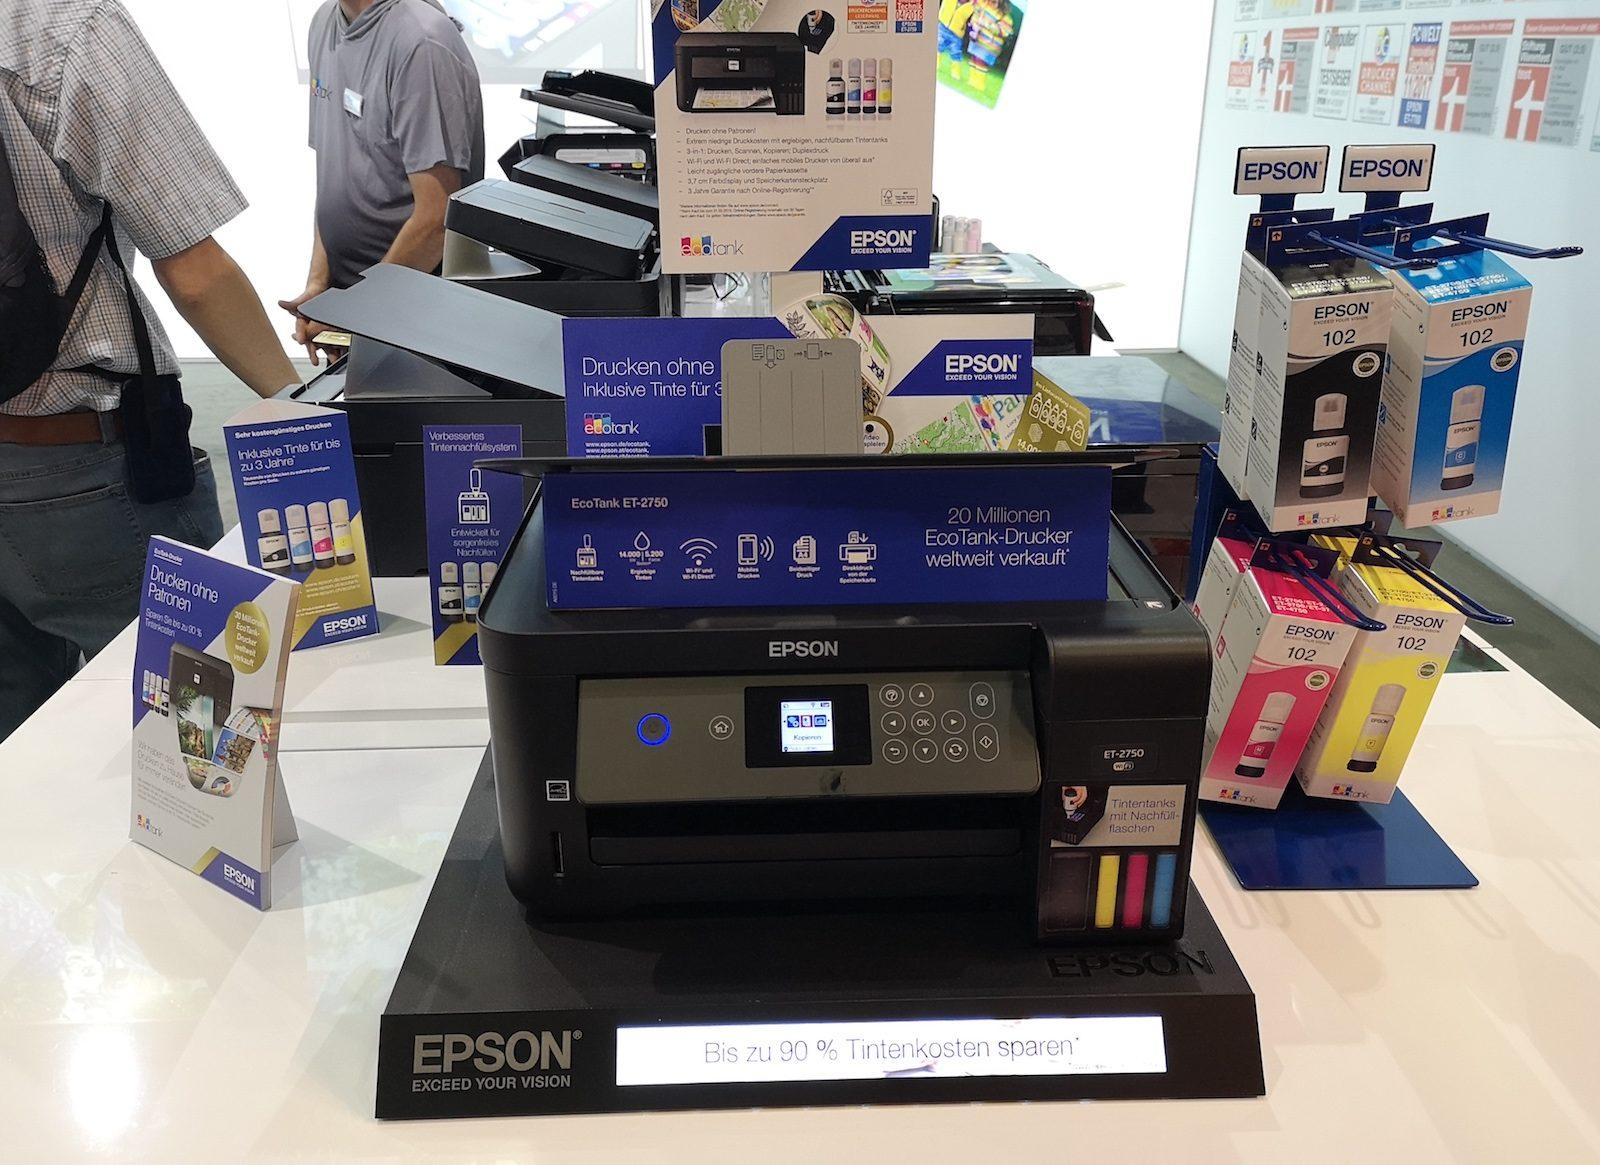 IFA 2018: videoproiettori, stampanti e le soluzioni di realtà aumenta di Epson